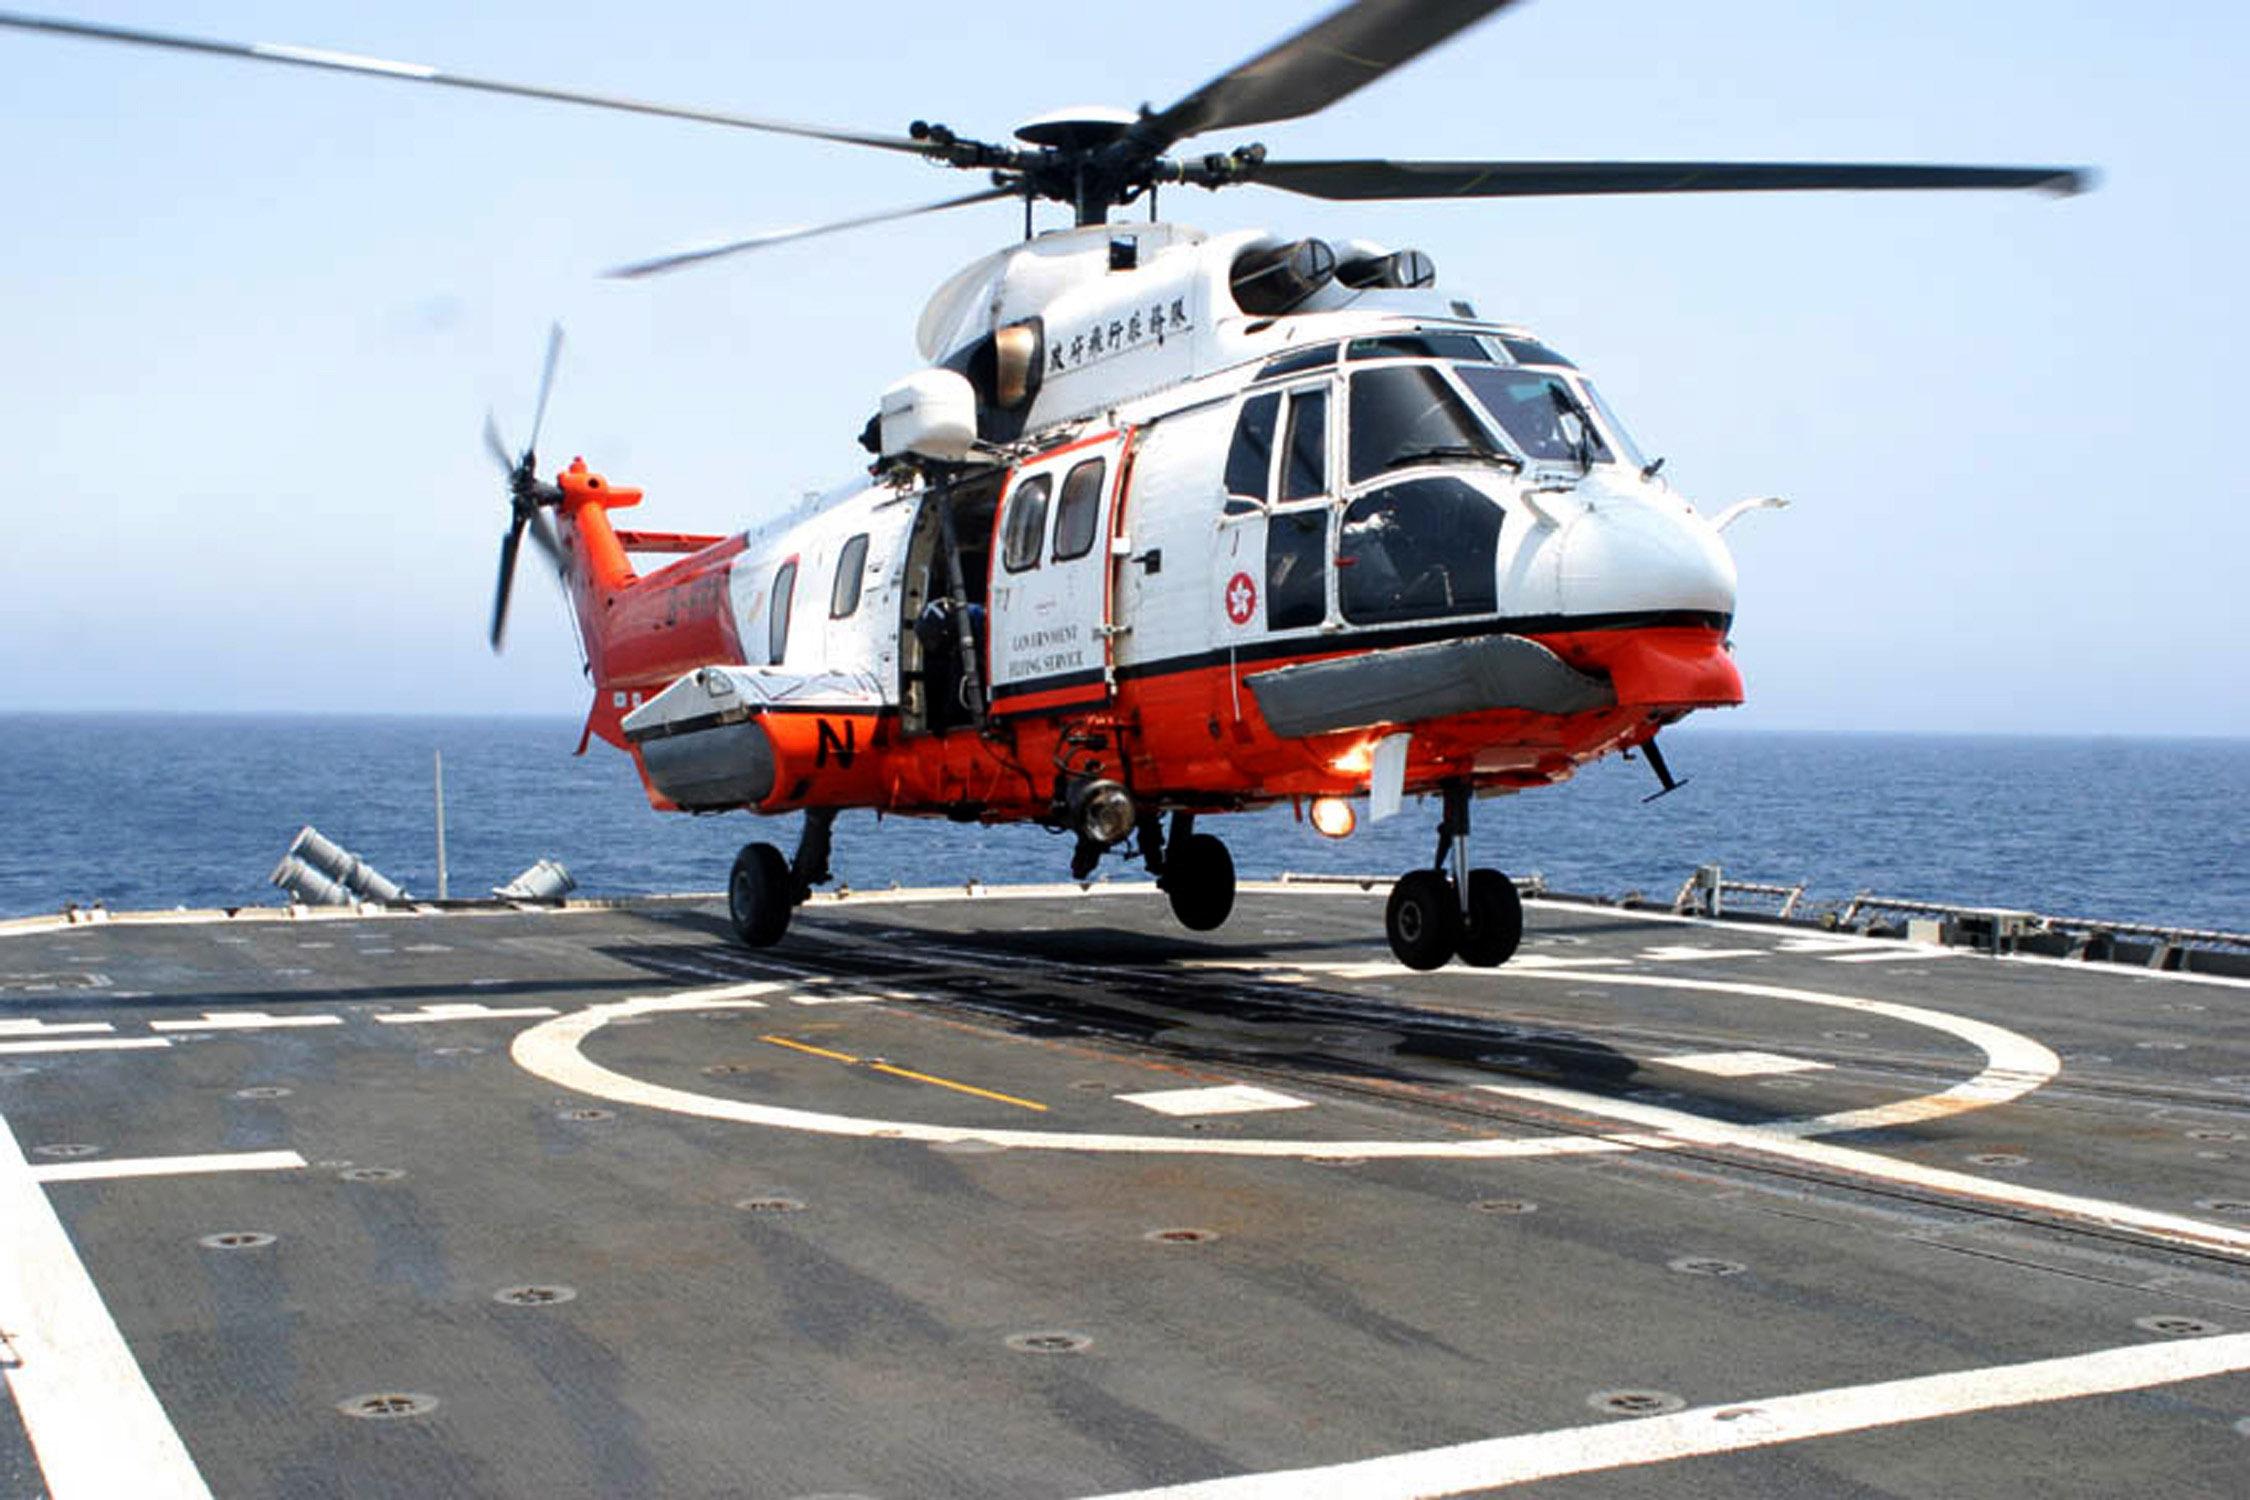 GFS Super Puma on USS Mobile Bay1 Humalaisen päähänpisto aiheutti jättihälytyksen maalla, merellä ja ilmassa